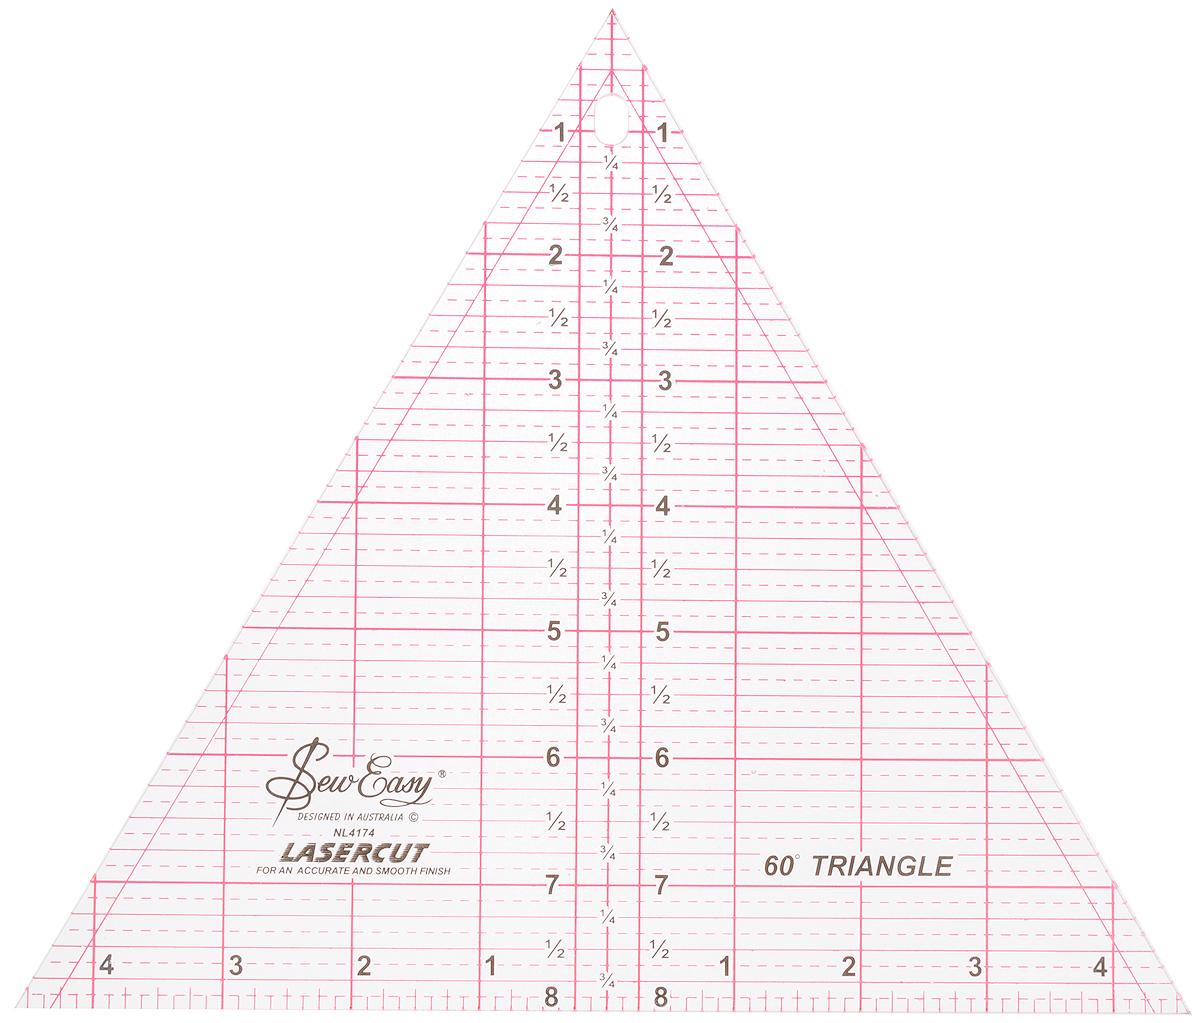 Линейка-треугольник для пэчворка Hemline, с углом 60 градусов, 8 x 9 1/4 (20,32 х 23,46 см)NL4174Небольшая линейка-треугольник Hemline предназначена для раскроя равносторонних треугольных блоков и ромбов с углом 60°. Используется для раскроя 6-лучевых звезд и пирамид, больших ромбов и треугольников. Размер: 23,46 см.